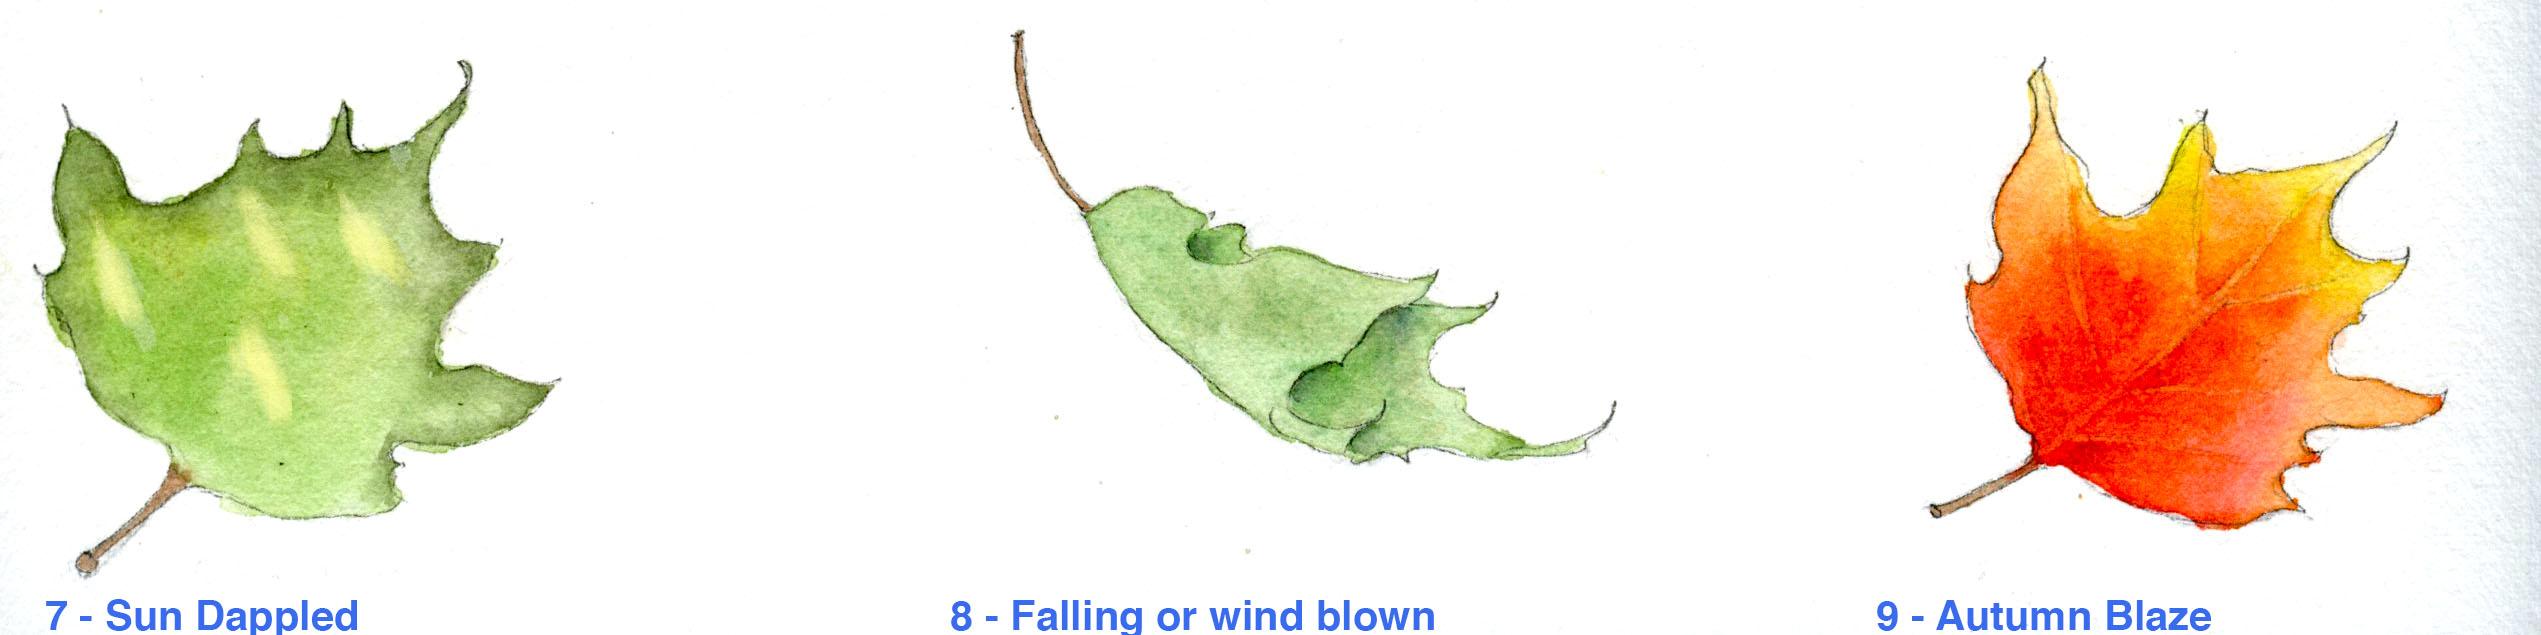 Fun leaf effects